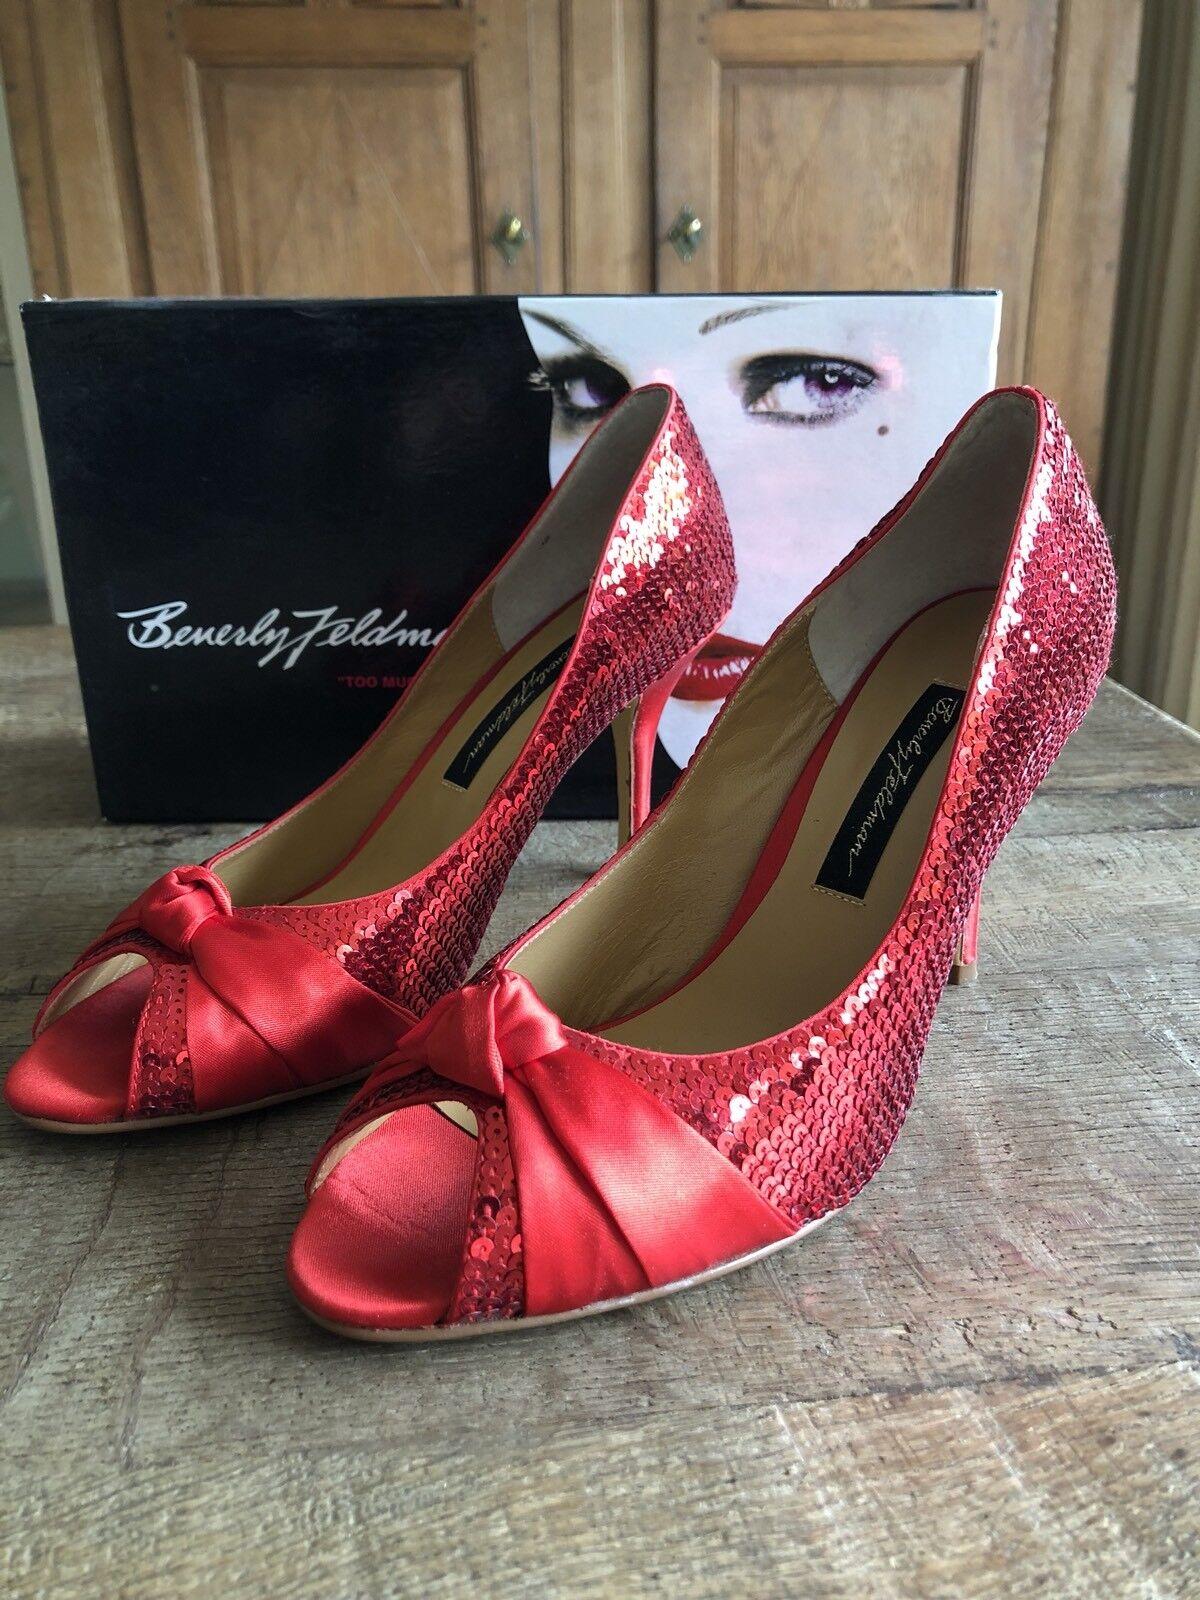 Beverly Feldman PUMPS Schuhe Pailletten Gr. 38 NEU mit Karton